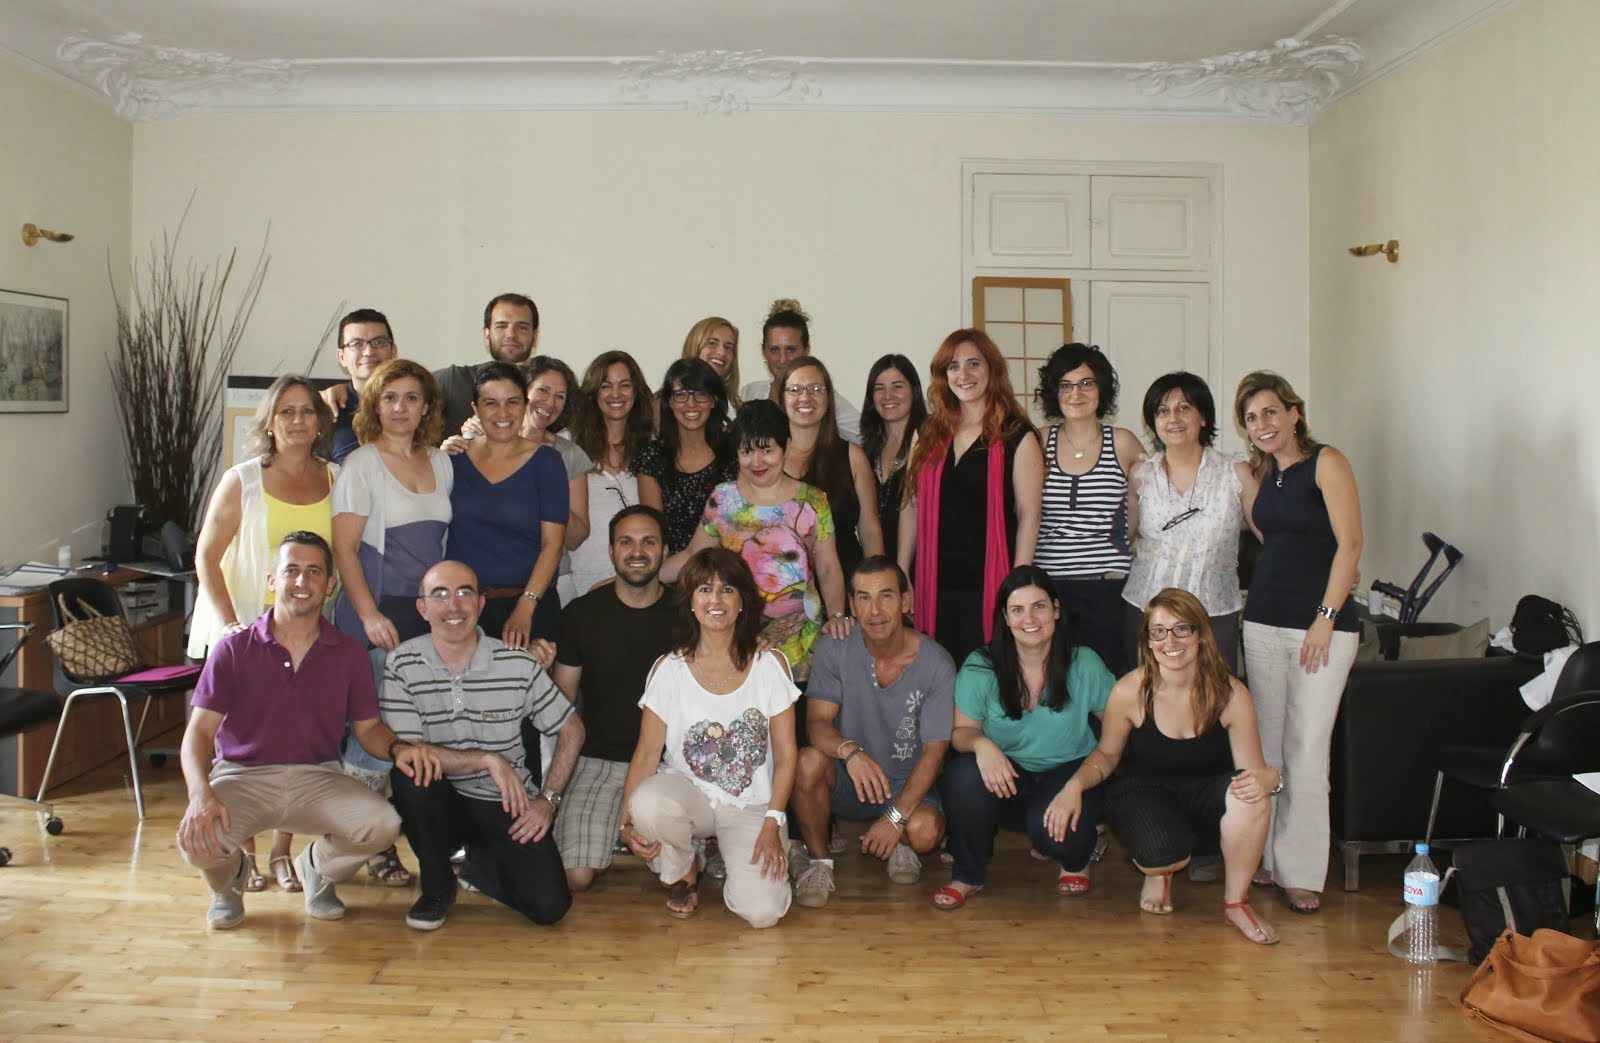 Posgrado 2012-2013 (3ª edición) - Terapia Racional Emotiva